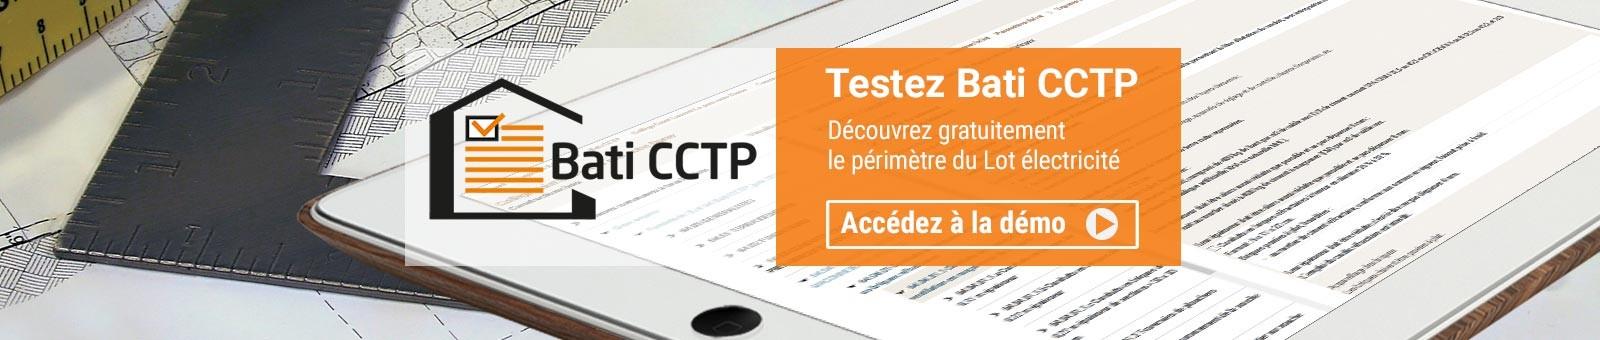 Gamme cctp cstboutique - Cctp electricite logement collectif ...